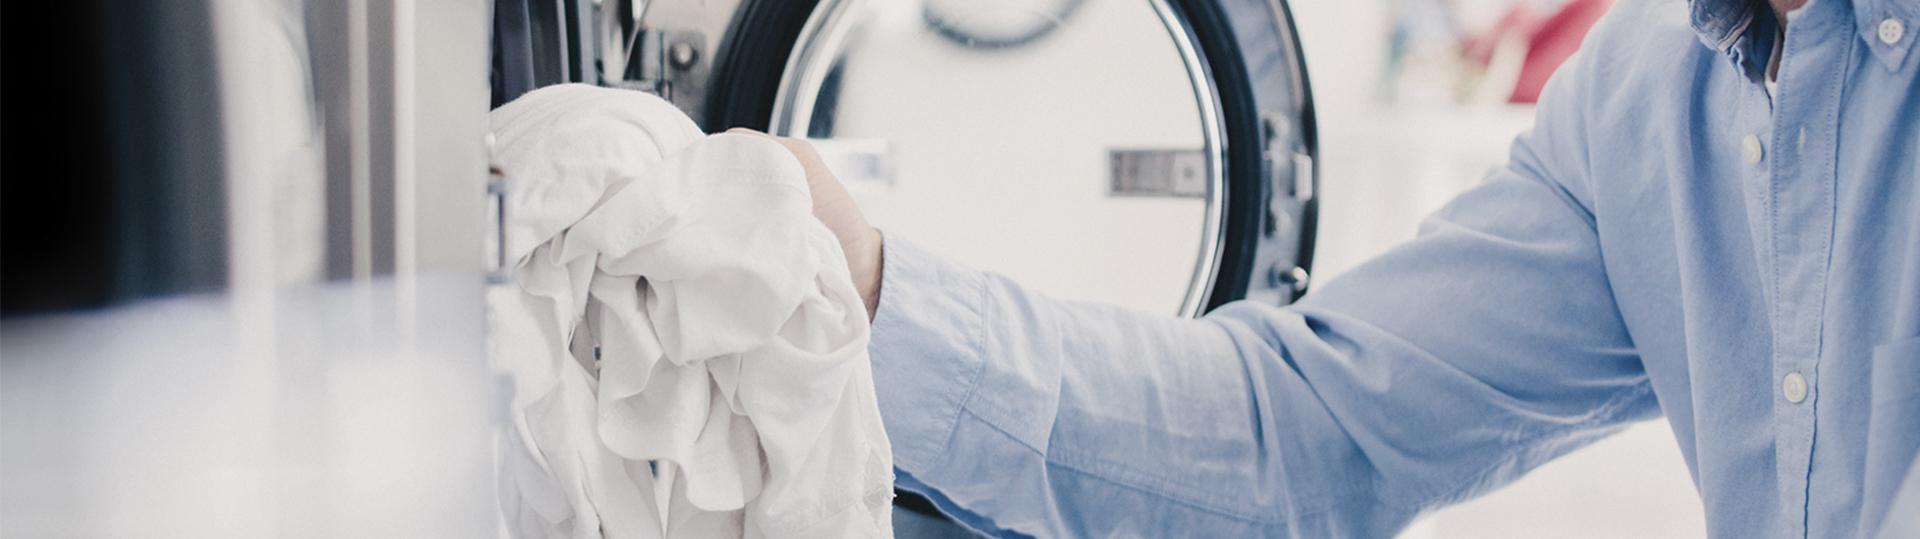 Maquinaria lavandería industrial